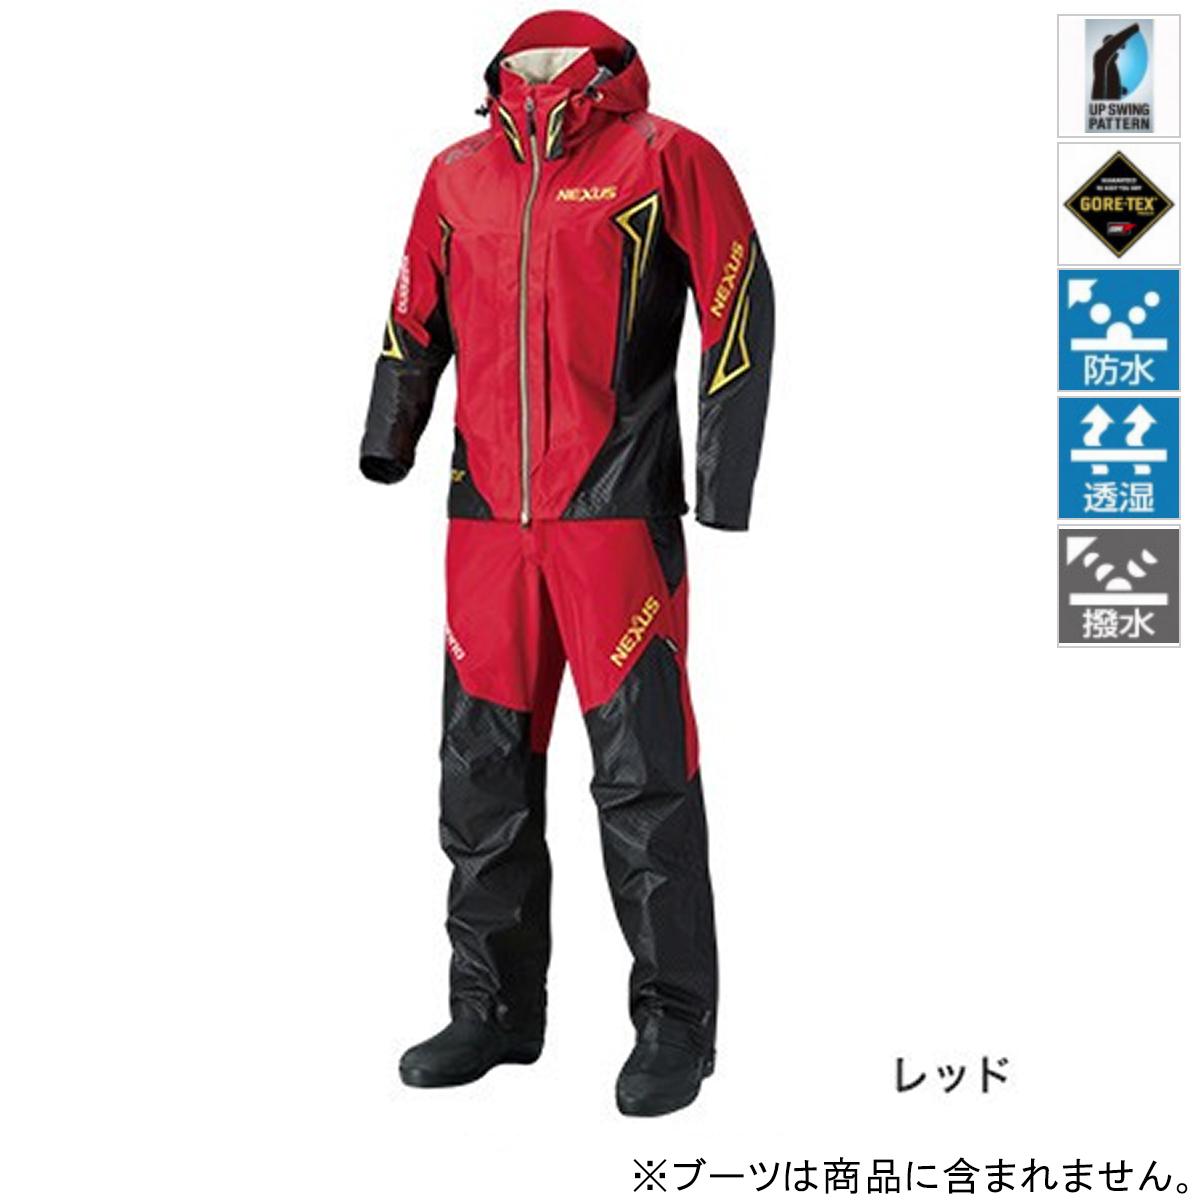 シマノ NEXUS GORE-TEX レインスーツ EX RA-119R L レッド(東日本店)